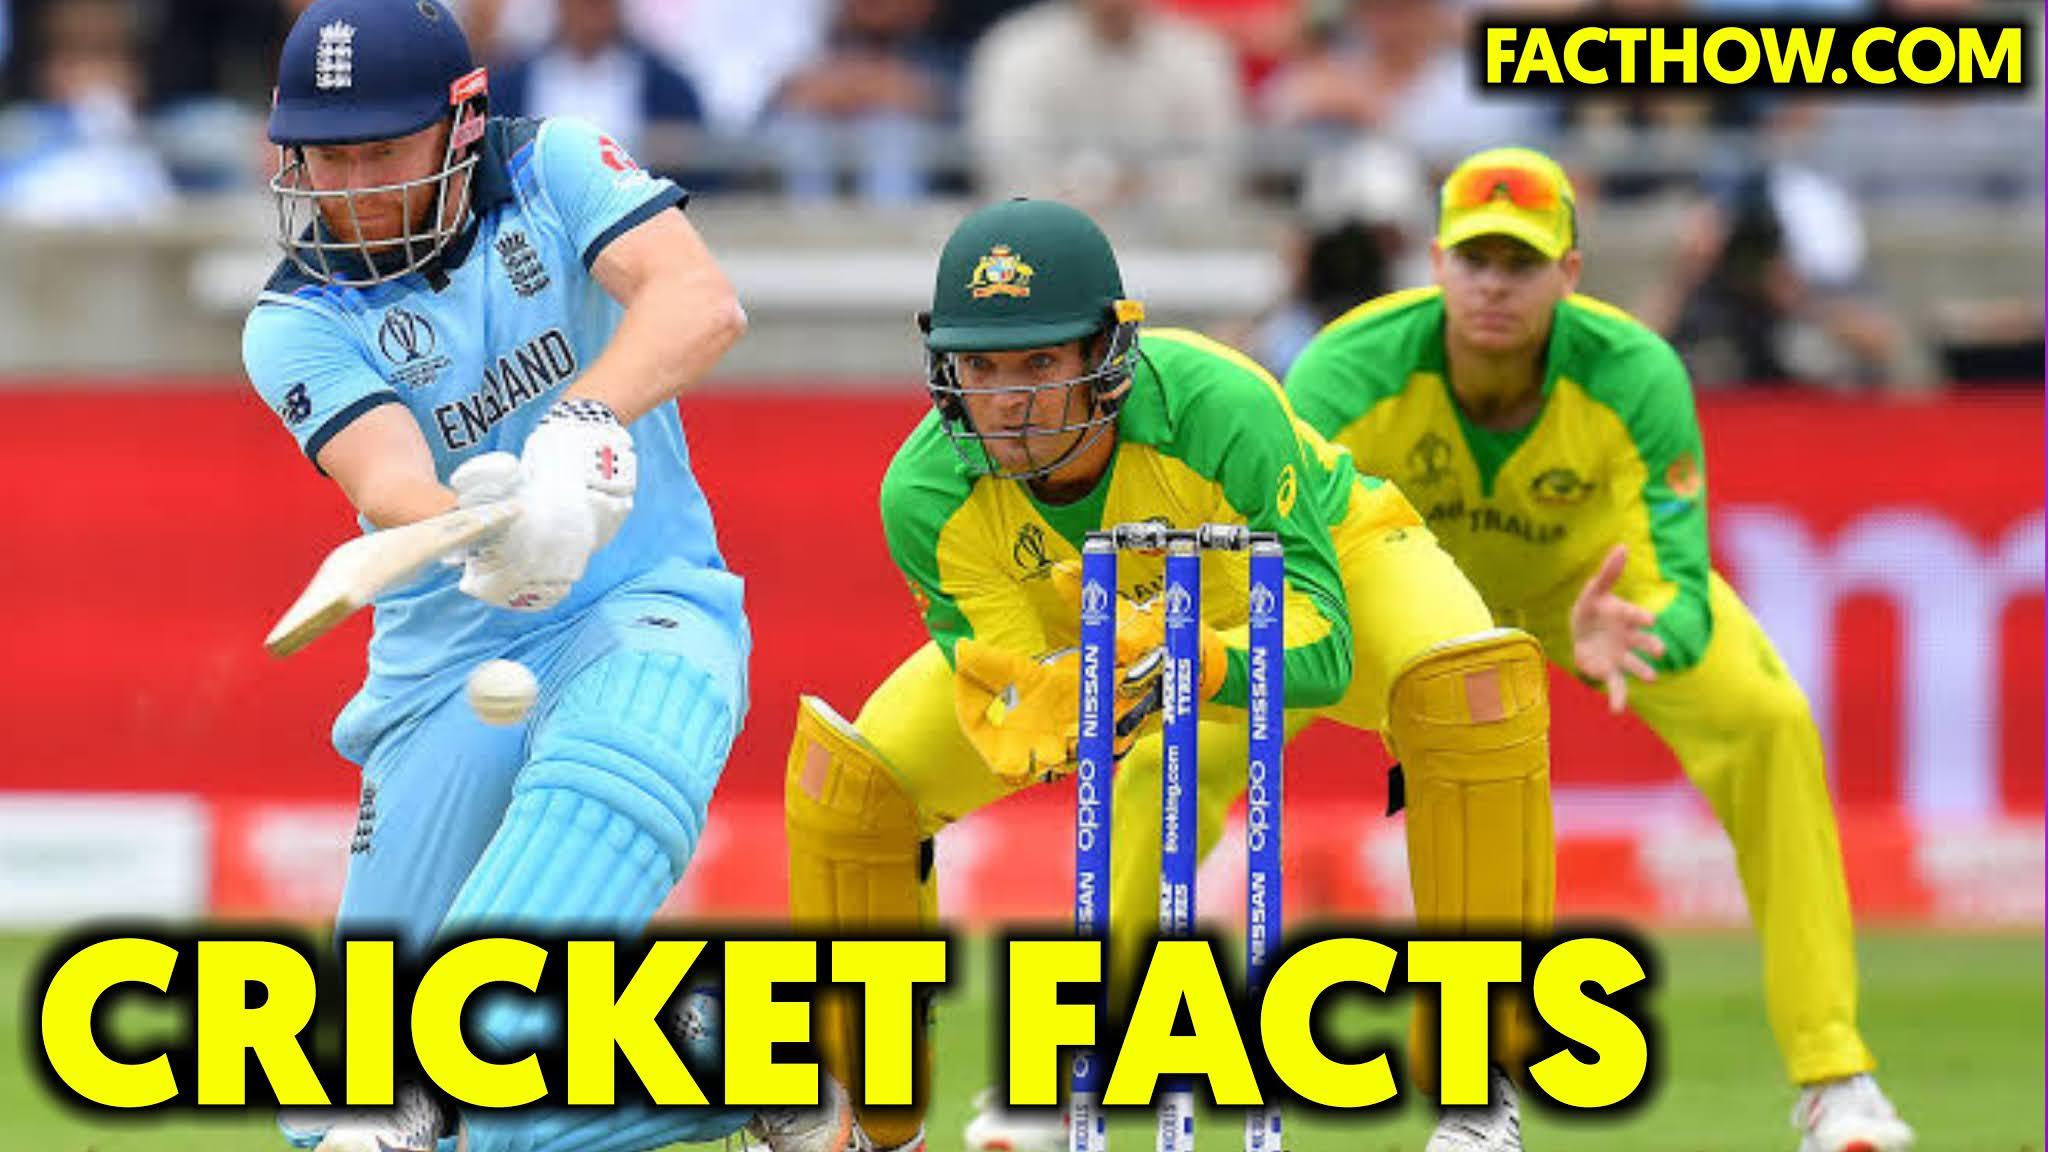 क्रिकेट से जुड़ी रोचक बातें